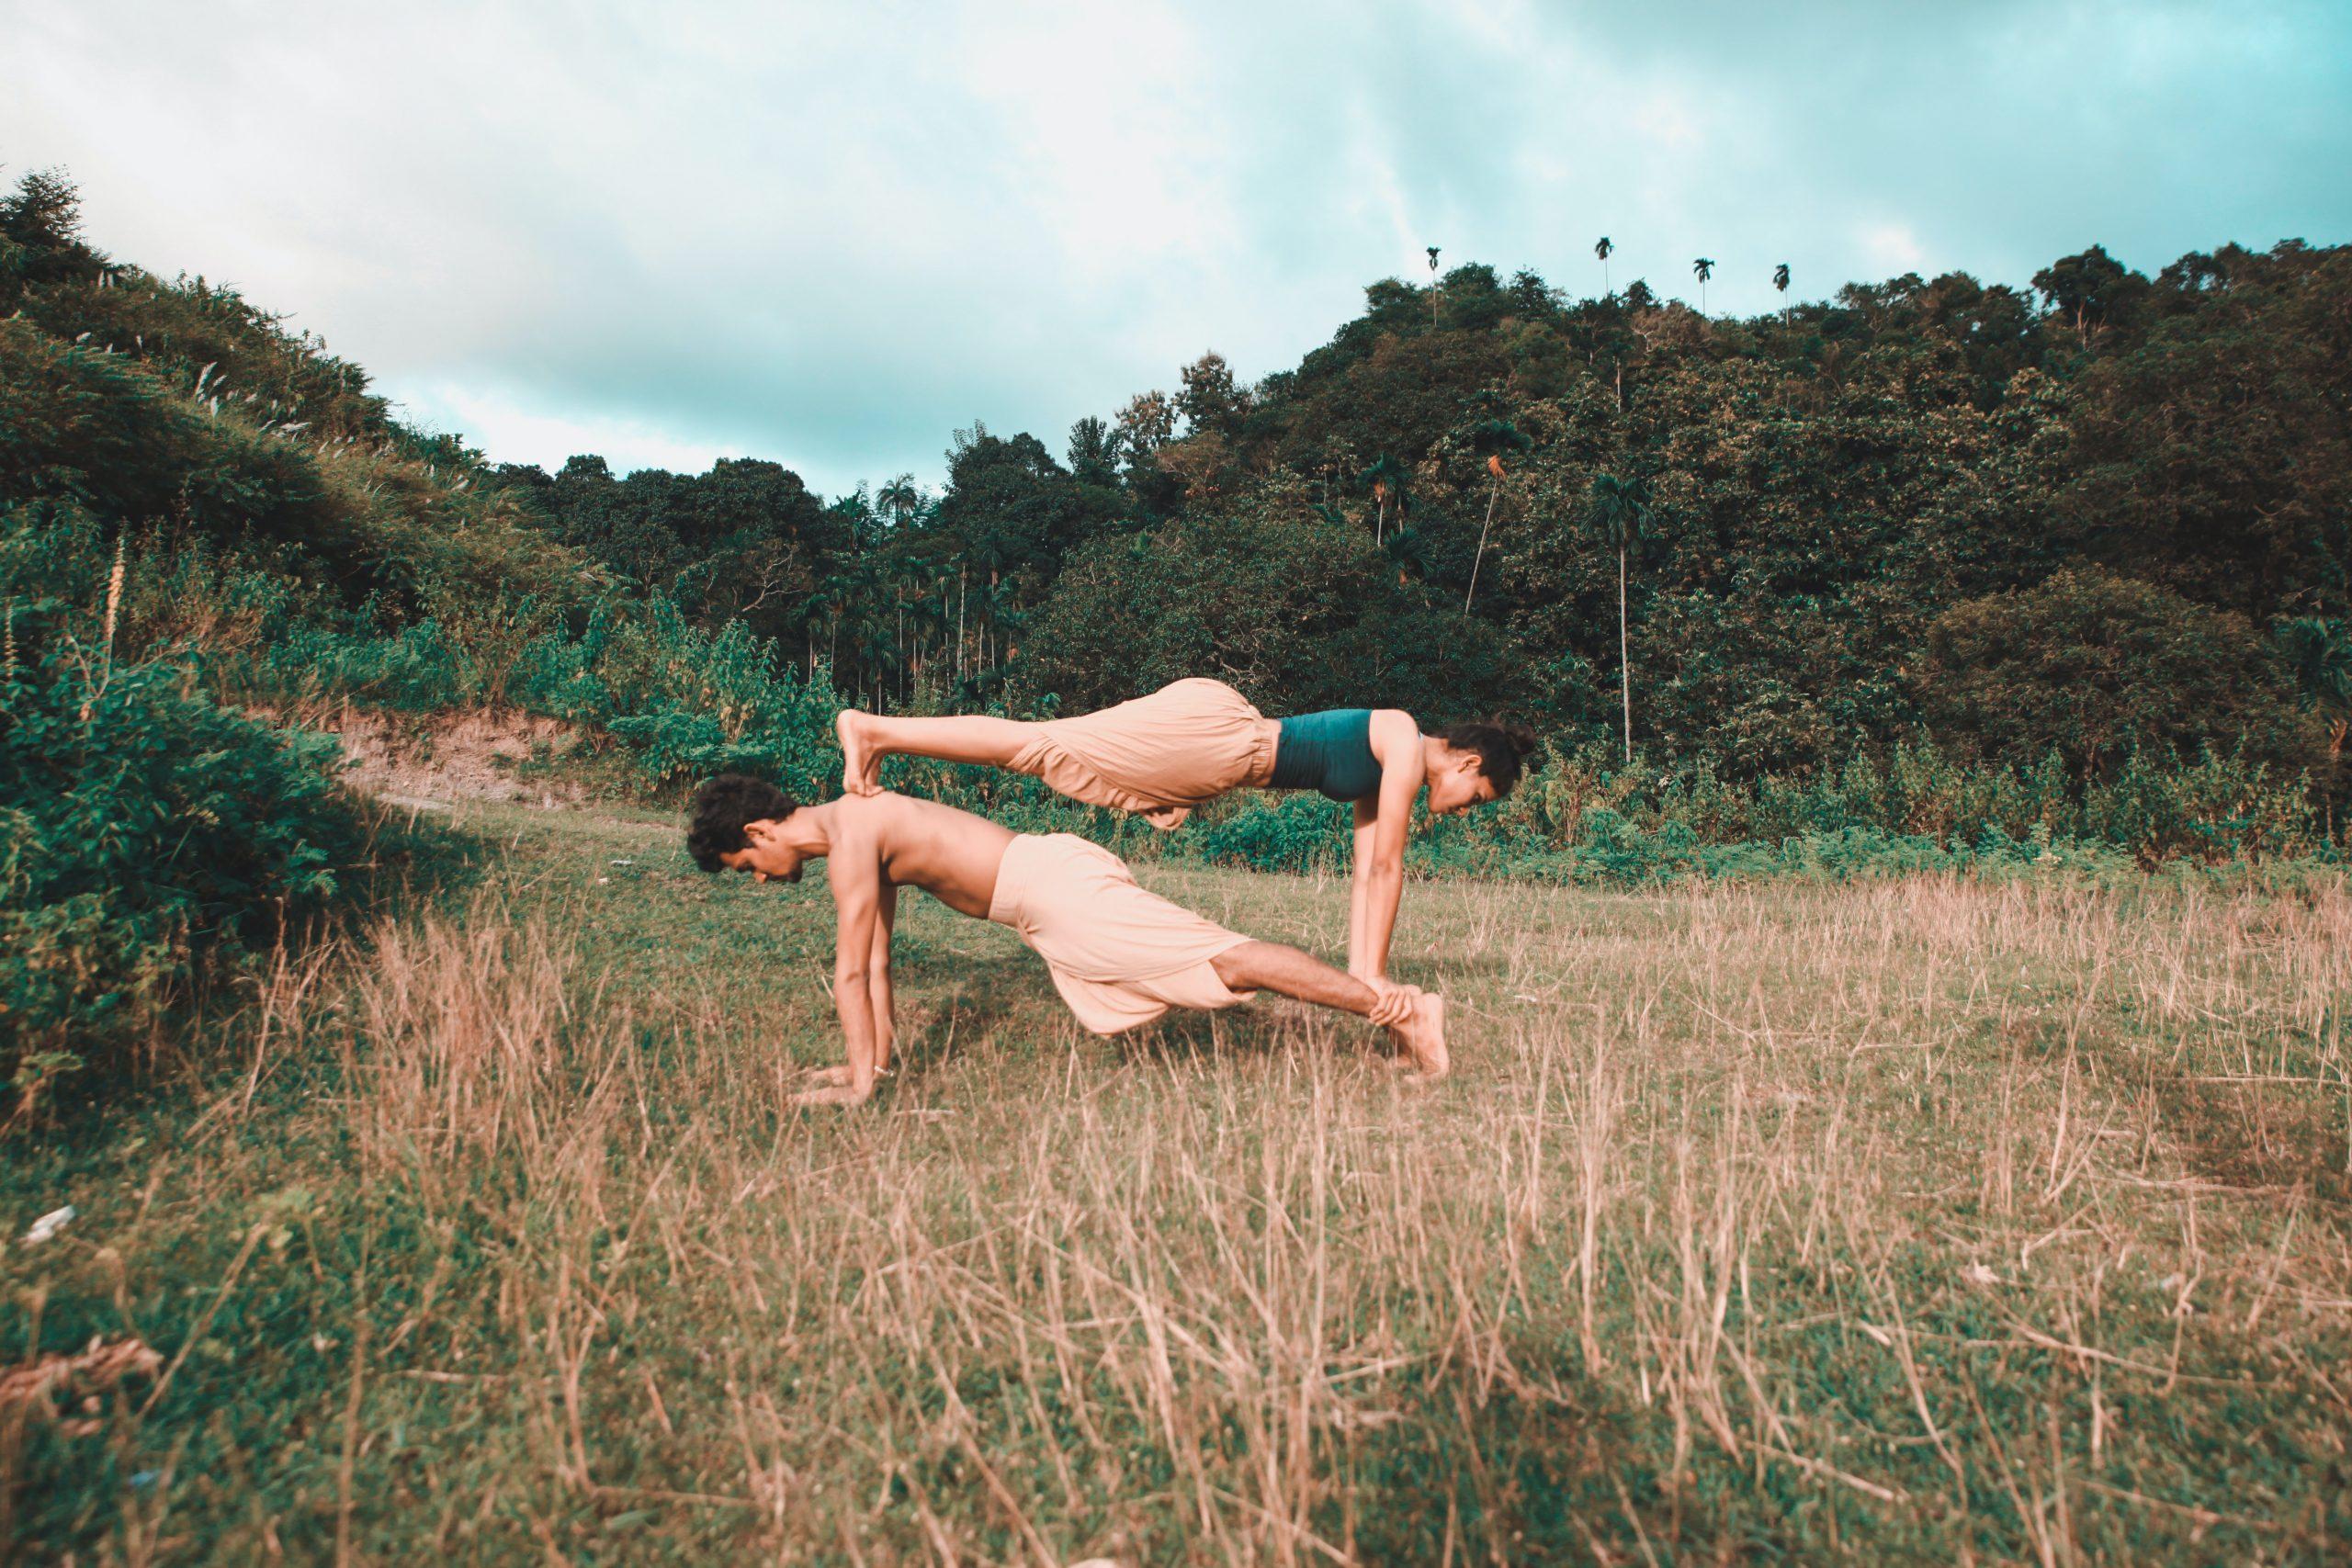 coupe-doing-yoga-3150250